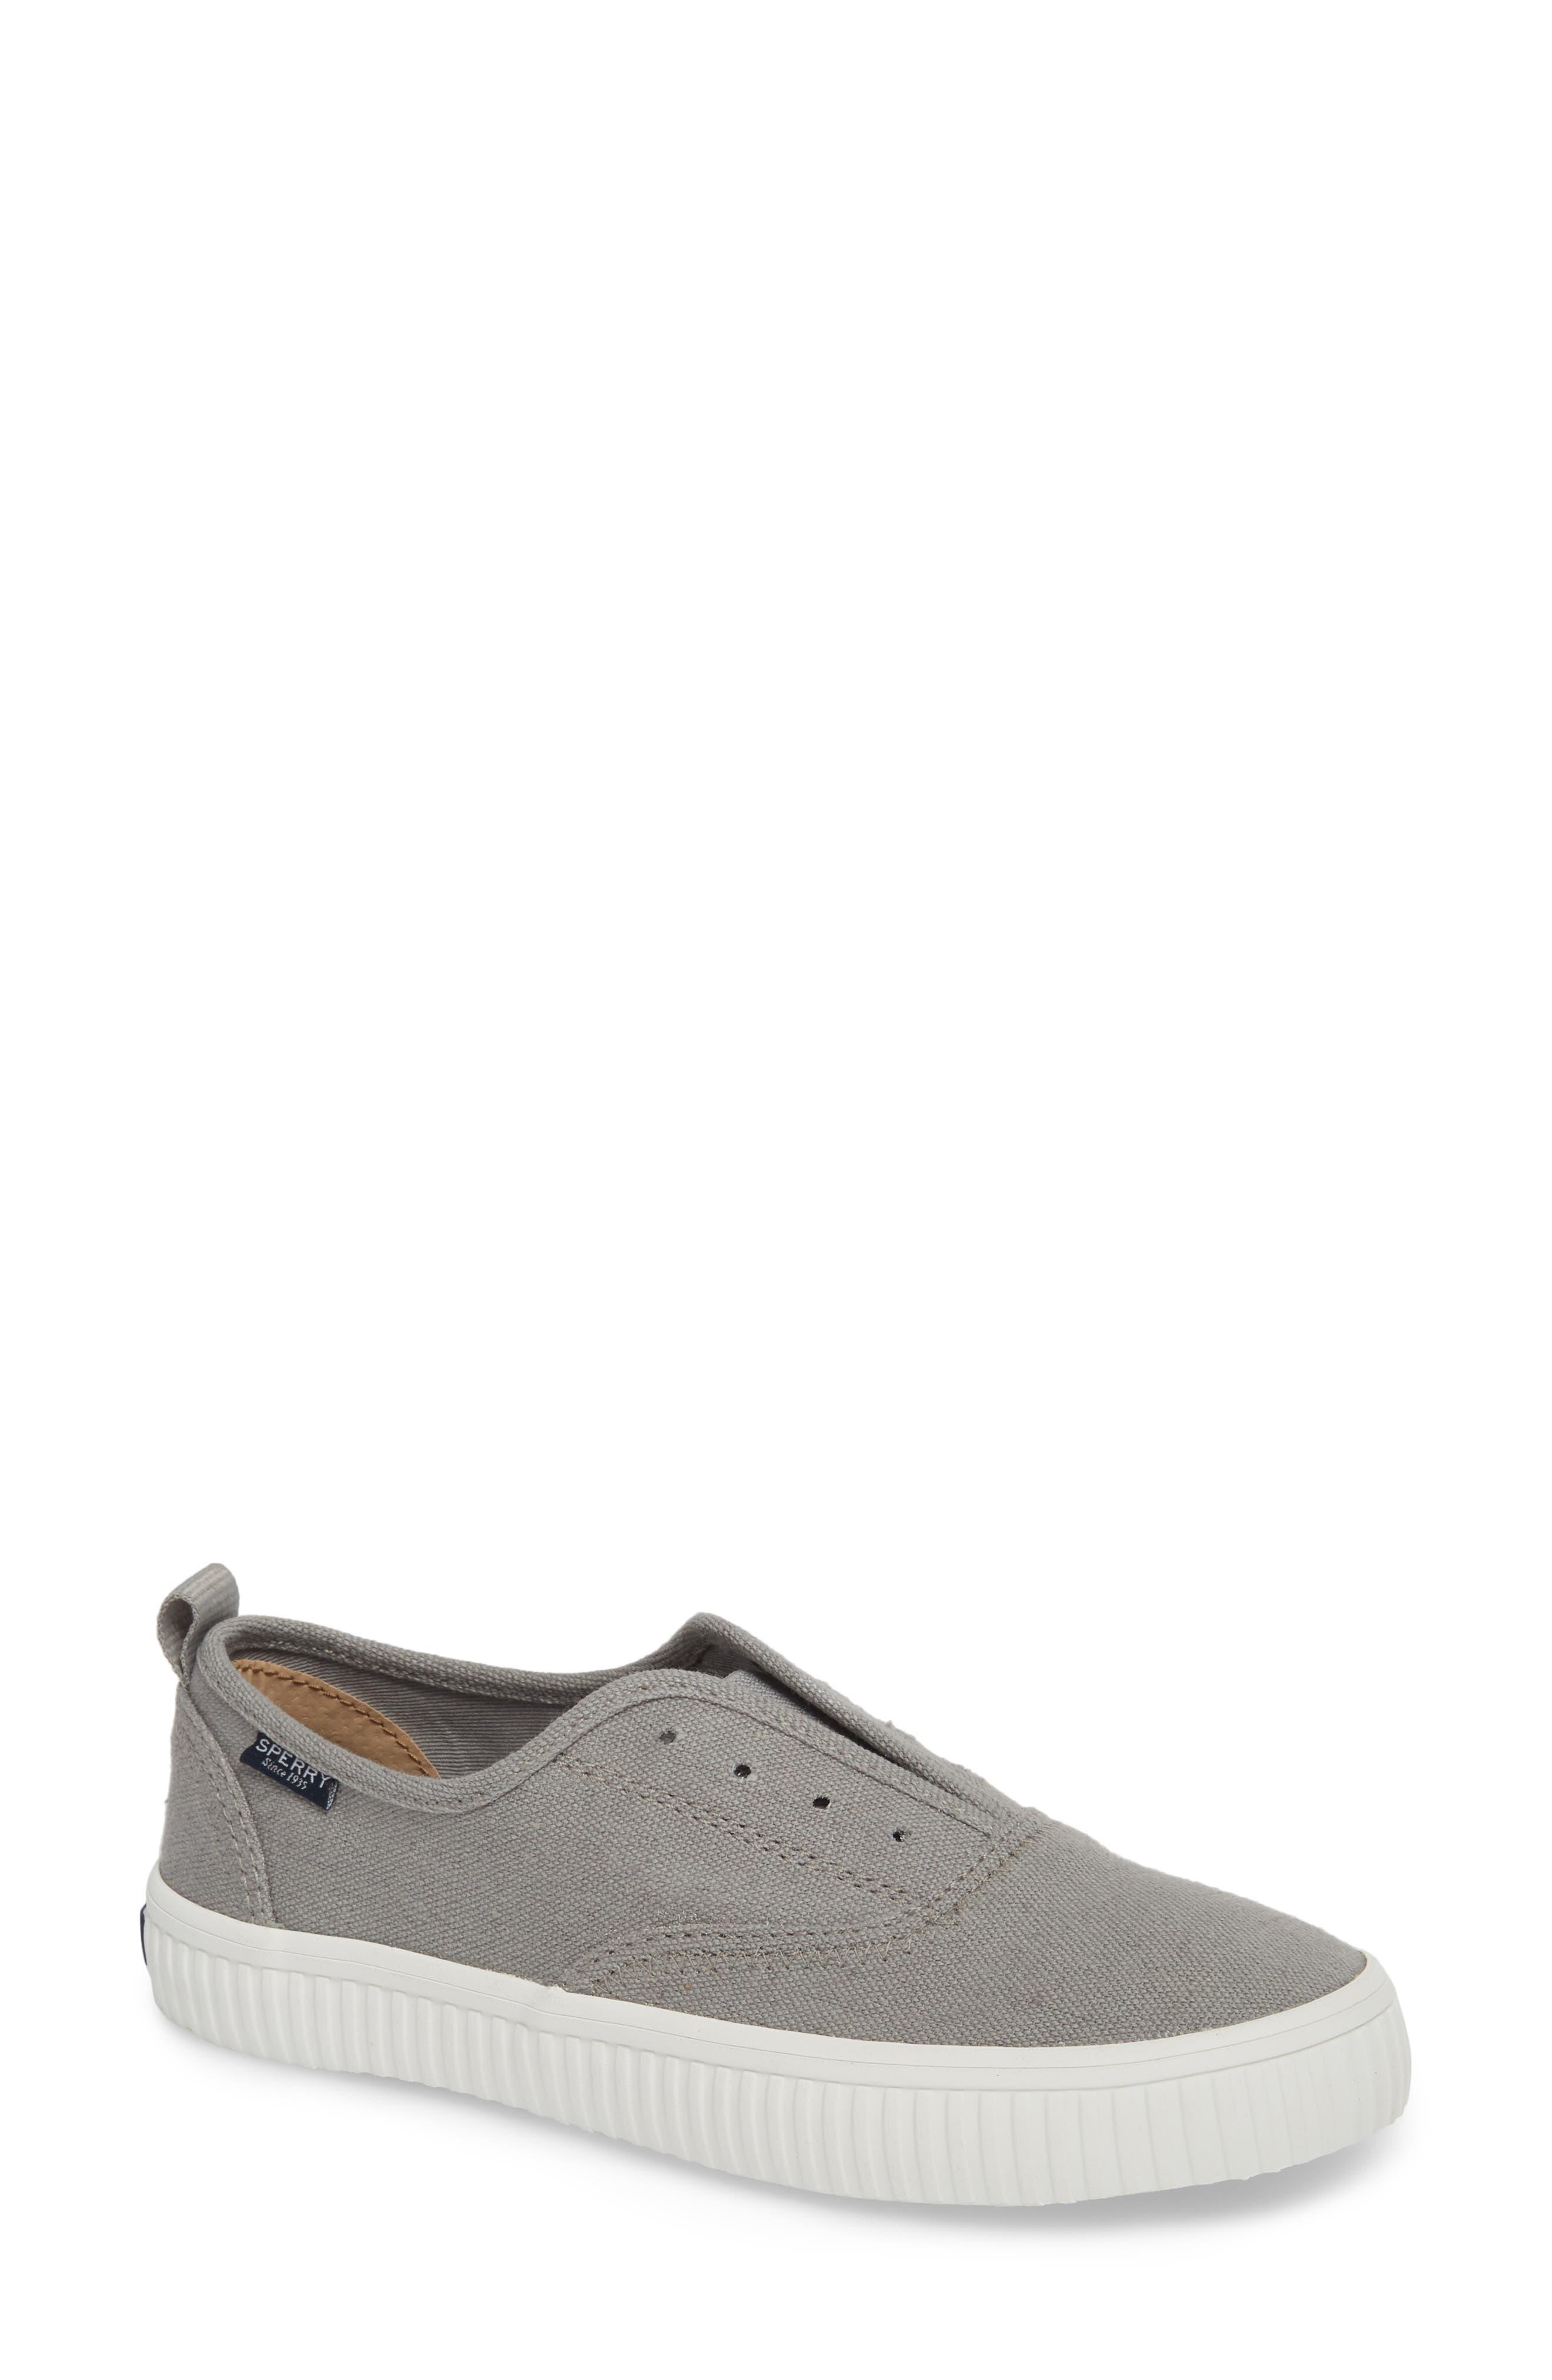 Sperry Crest Creeper CVO Slip-On Sneaker (Women)